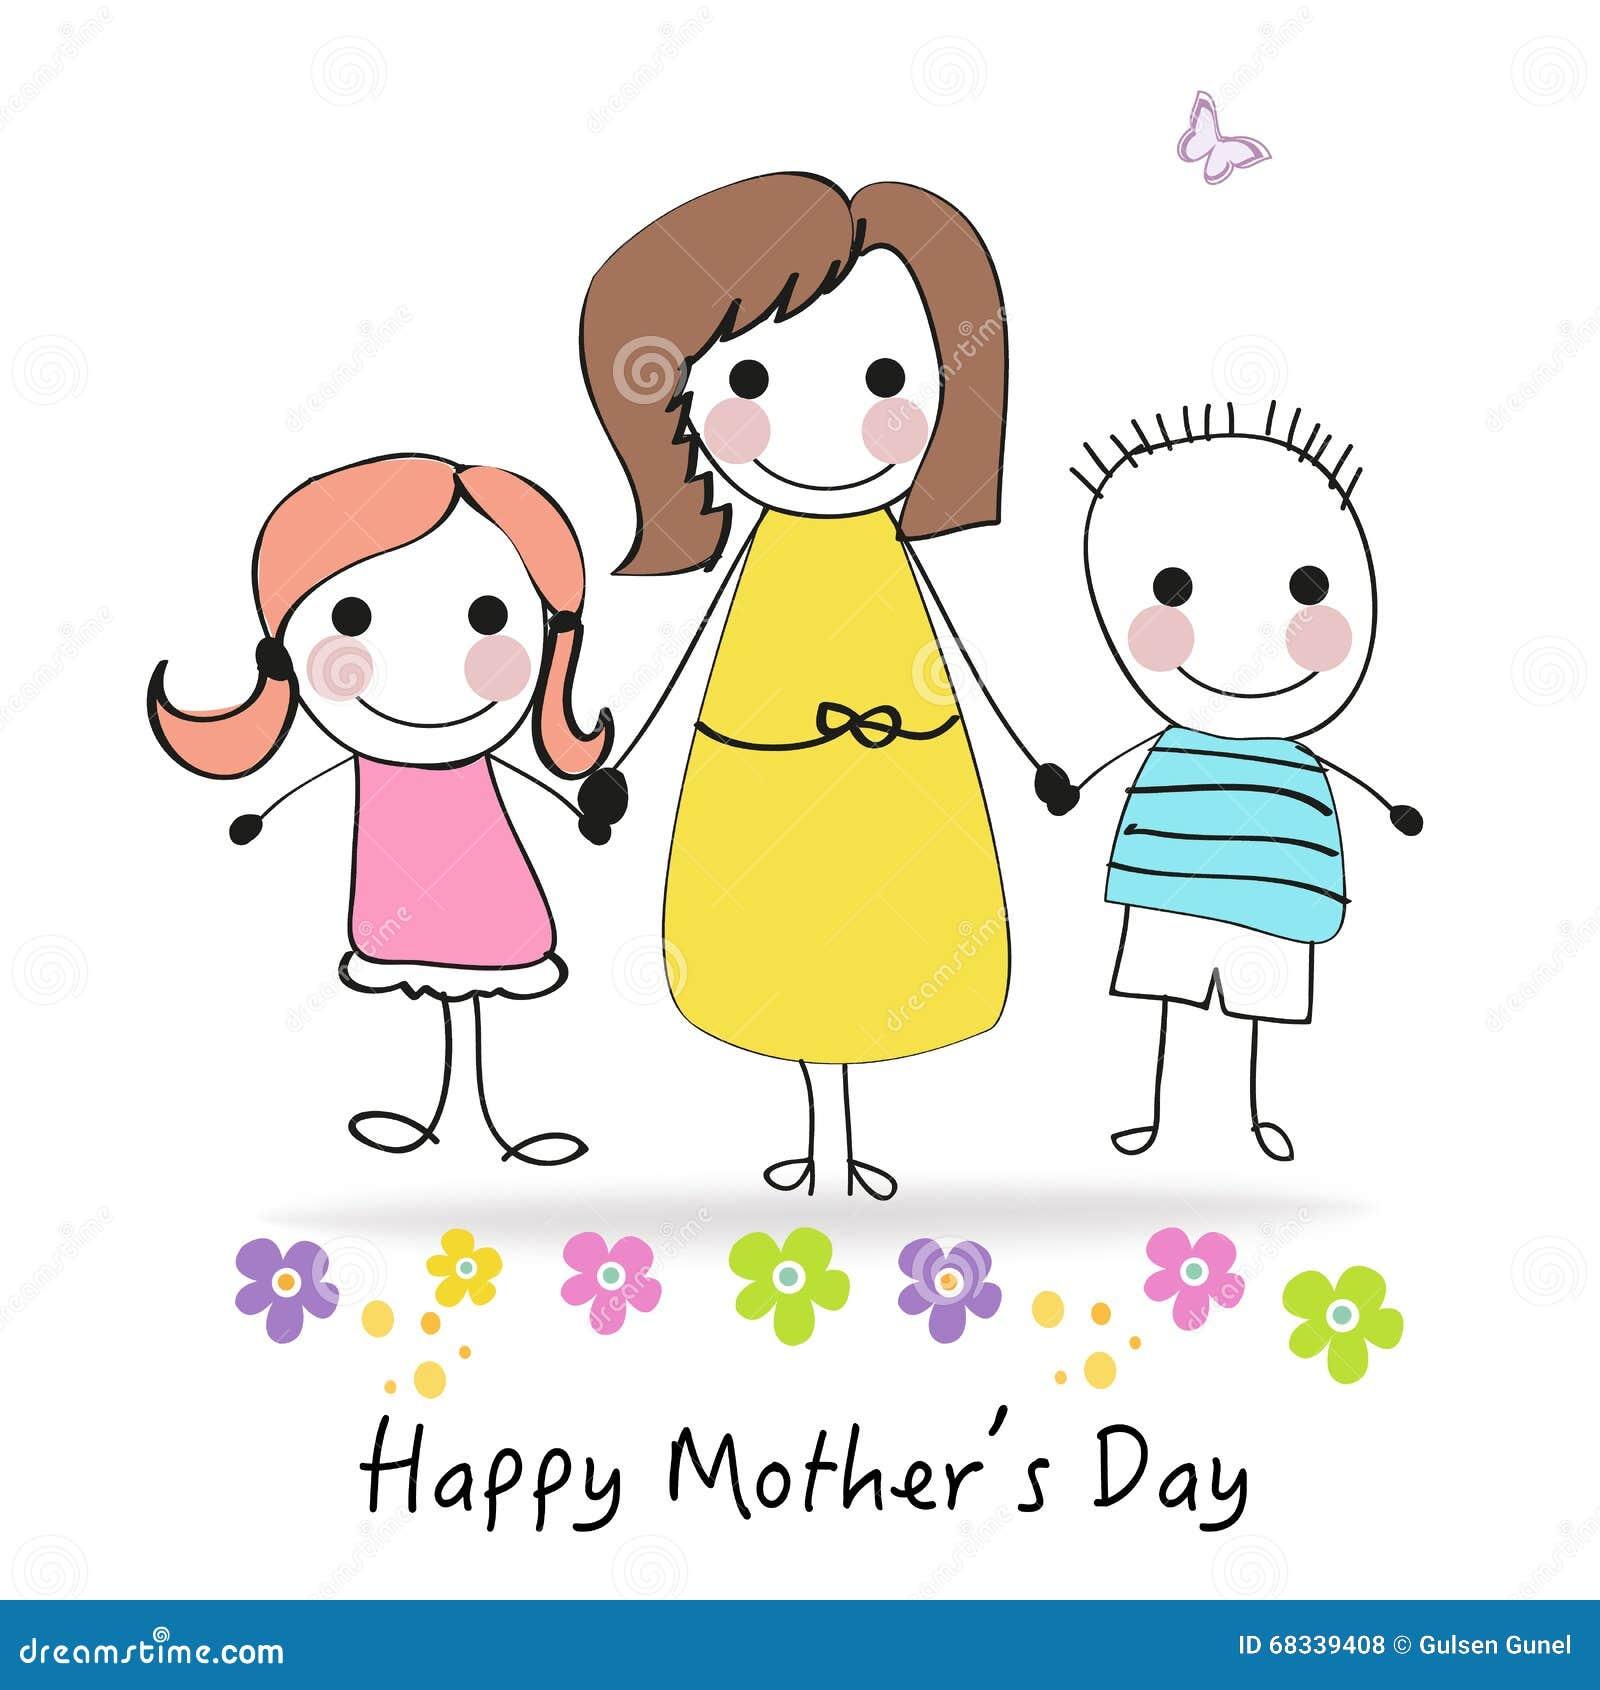 Für Kids Mütter Und Die Großen: Happy Mother's Day Greeting Card With Cartoon Kids And